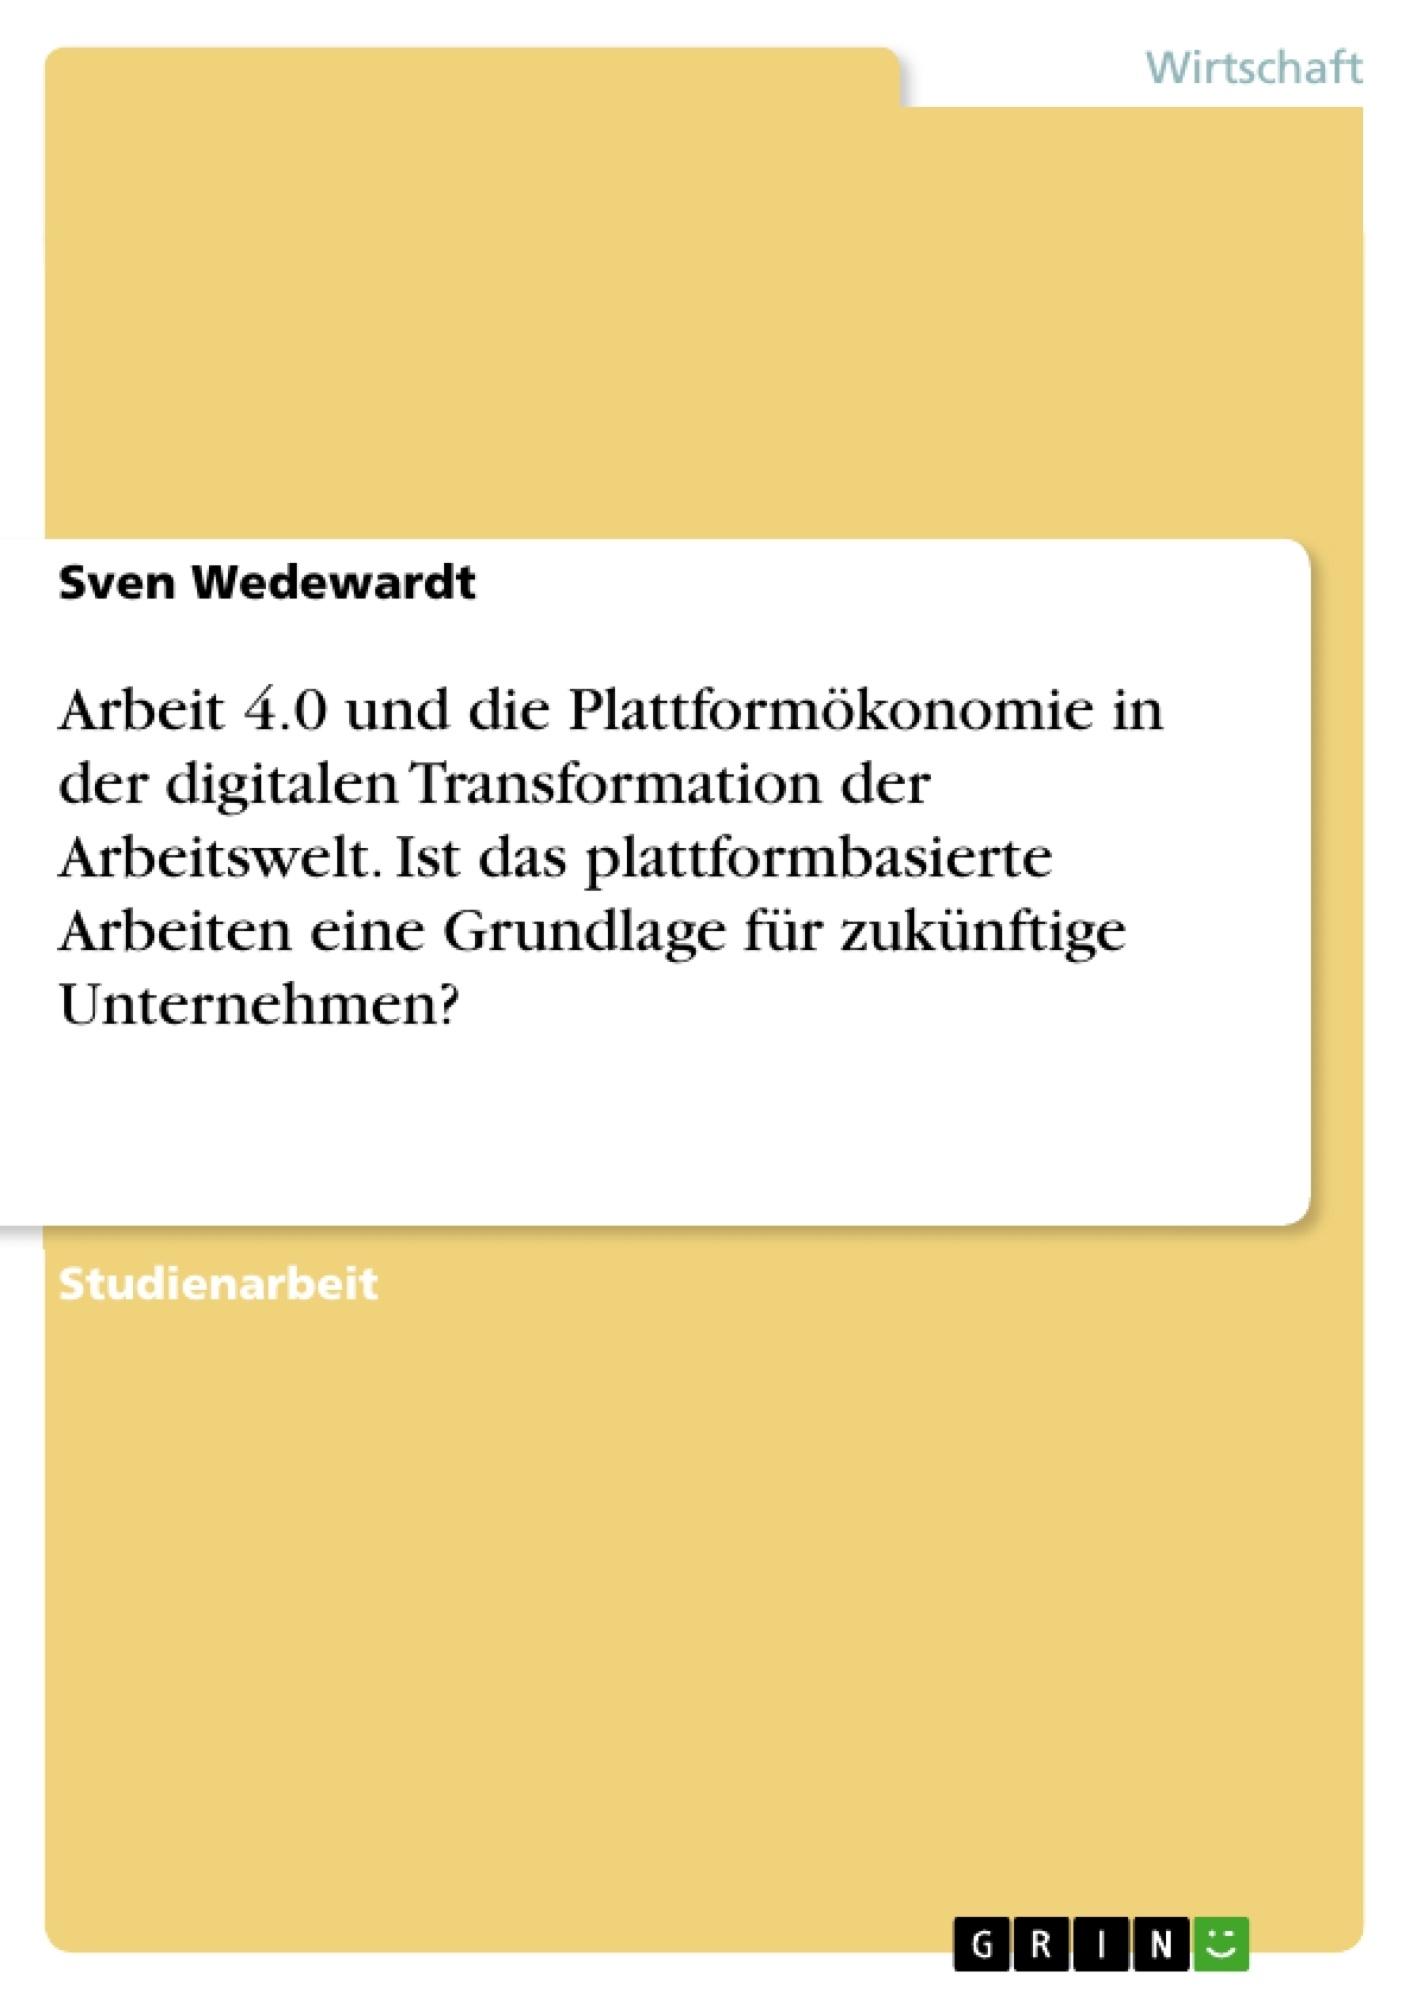 Titel: Arbeit 4.0 und die Plattformökonomie in der digitalen Transformation der Arbeitswelt. Ist das plattformbasierte Arbeiten eine Grundlage für zukünftige Unternehmen?